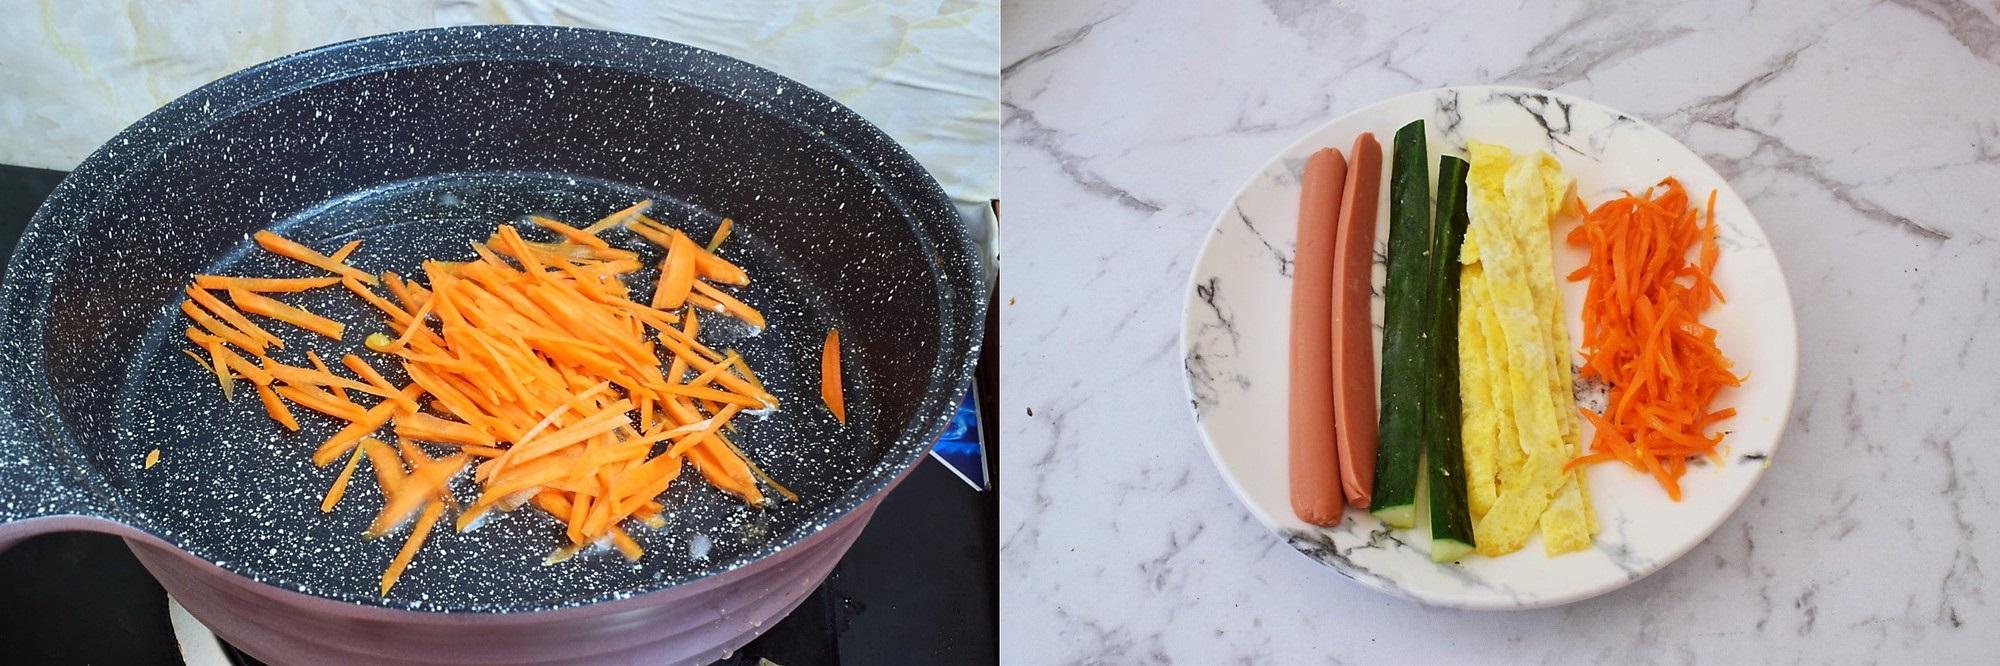 Món cơm cuộn chỉ cần thêm chút xíu nguyên liệu này thì vị ngon sẽ nhân lên gấp nhiều lần! - Ảnh 2